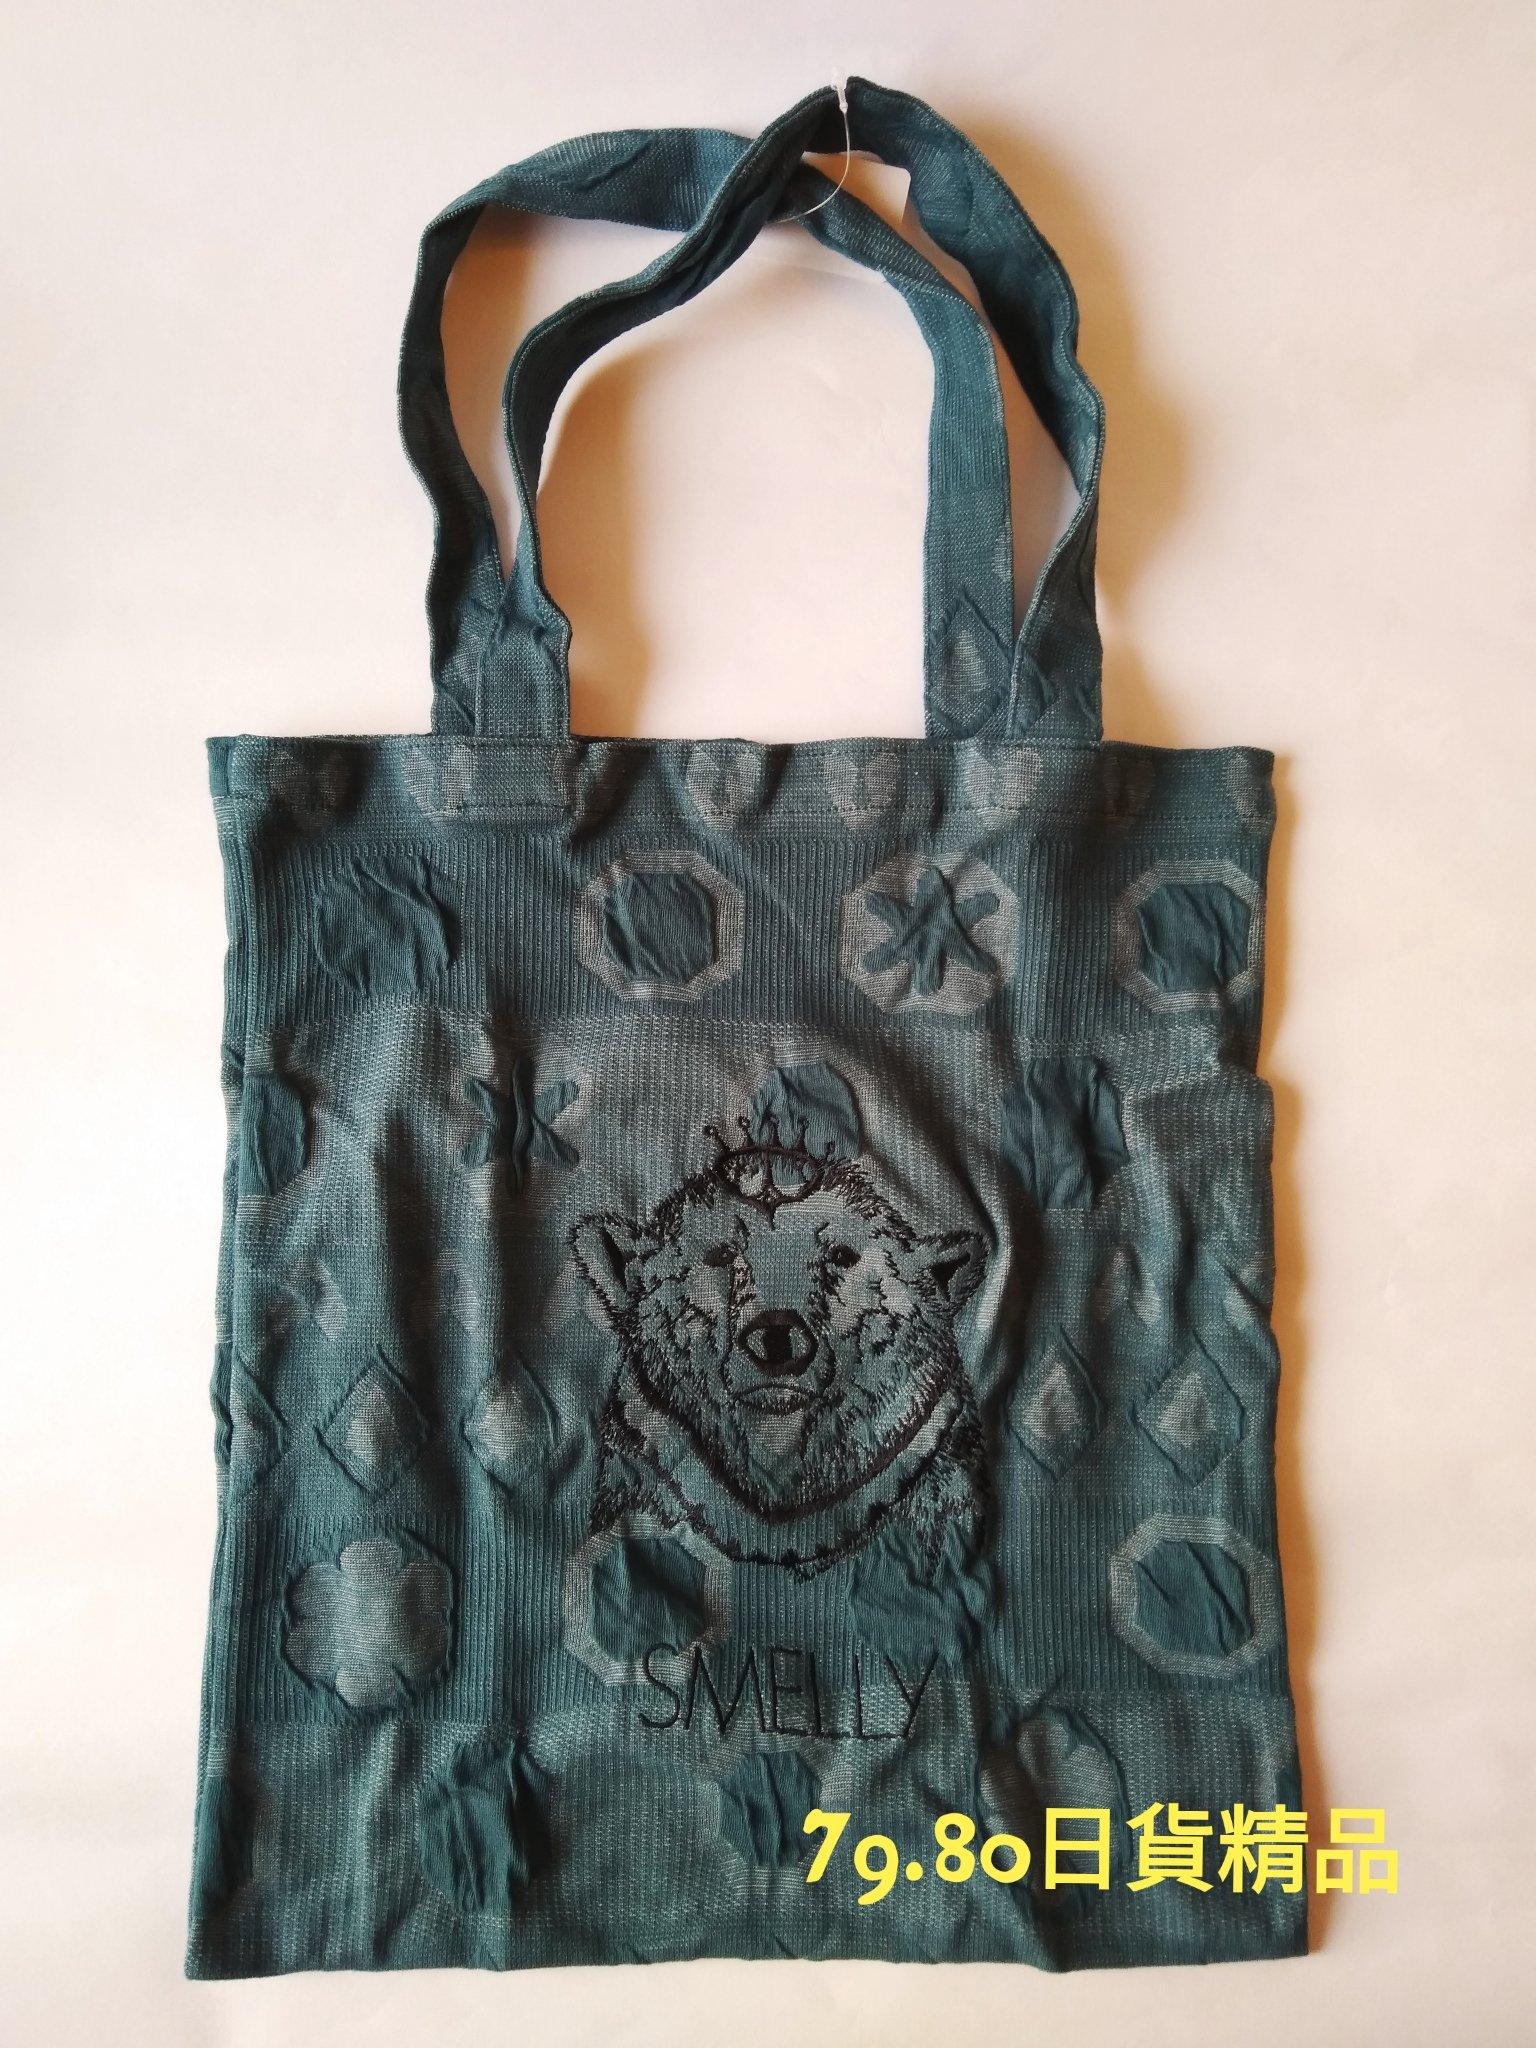 【 柒玖捌零日貨精品 】日本限定 全新正品 urban research smelly 藍色手提包 購物袋 肩背包